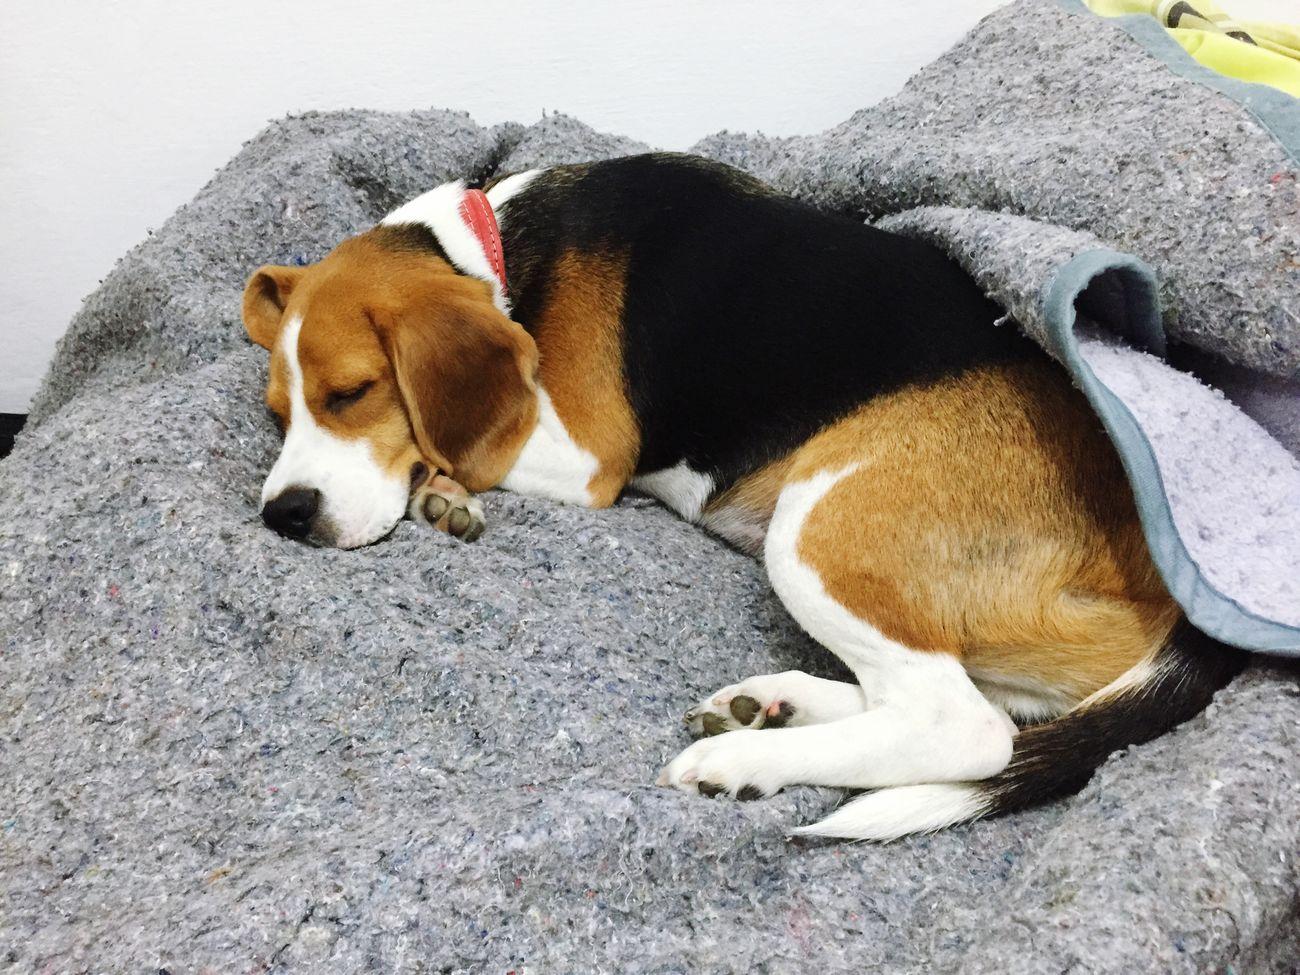 Hoje está ótimo pra dormir ou assistir um filminho... Beagle Beagles  Dog MelhorAmigo Beaglelovers Beaglelove